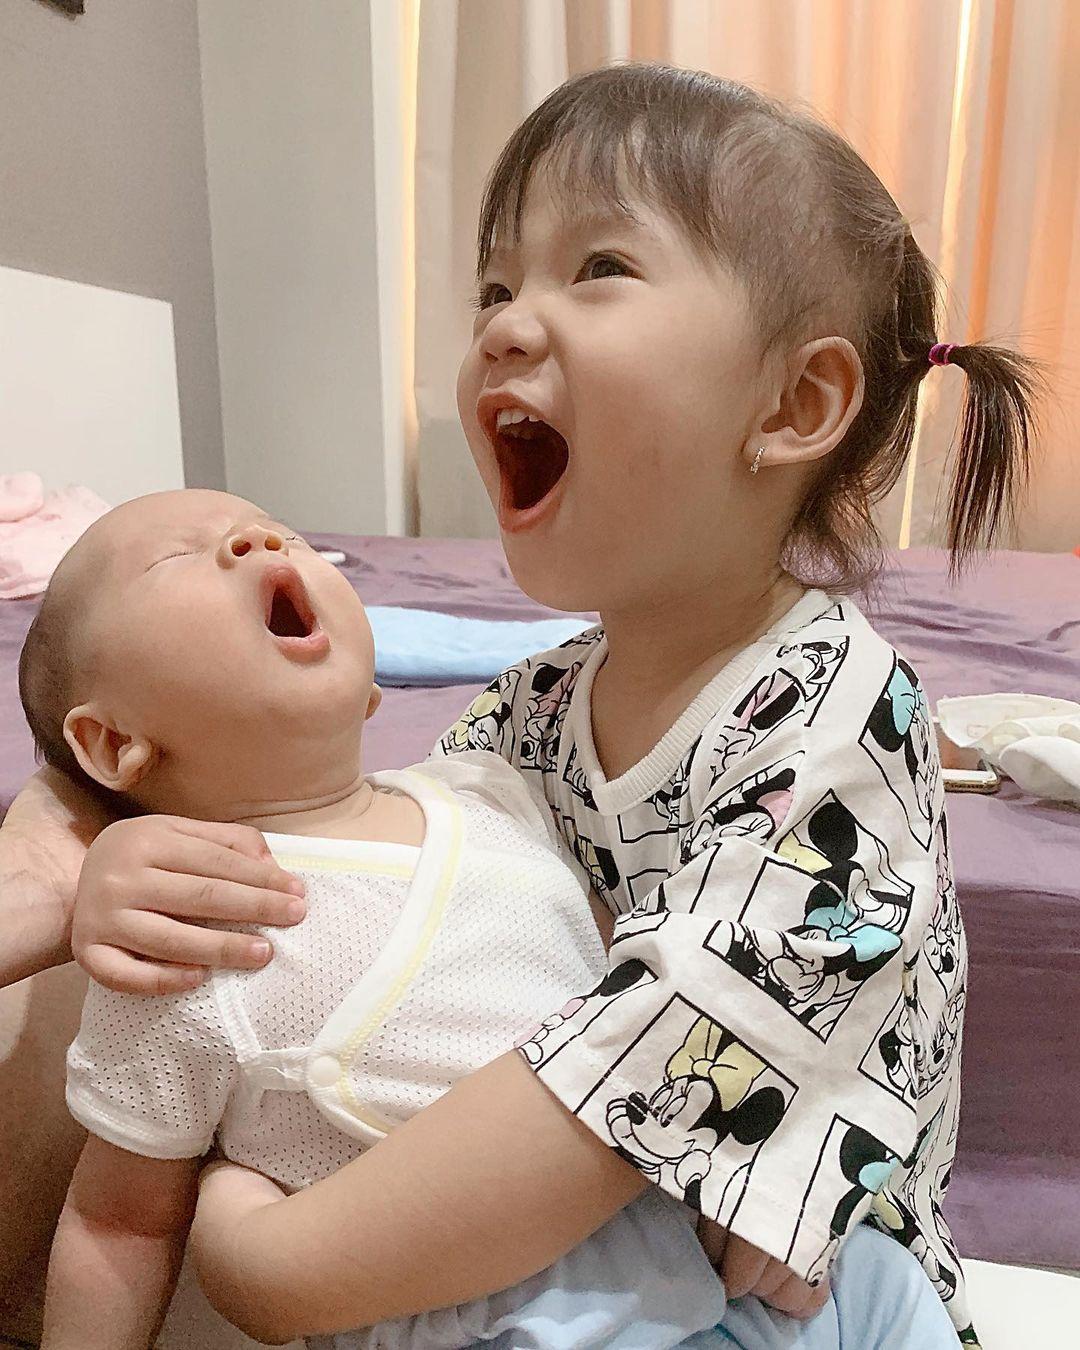 Có bố mẹ nổi tiếng, dàn hot kid auto khuấy đảo MXH Việt: Đáng iu quá quý dzị ơi! - Ảnh 10.